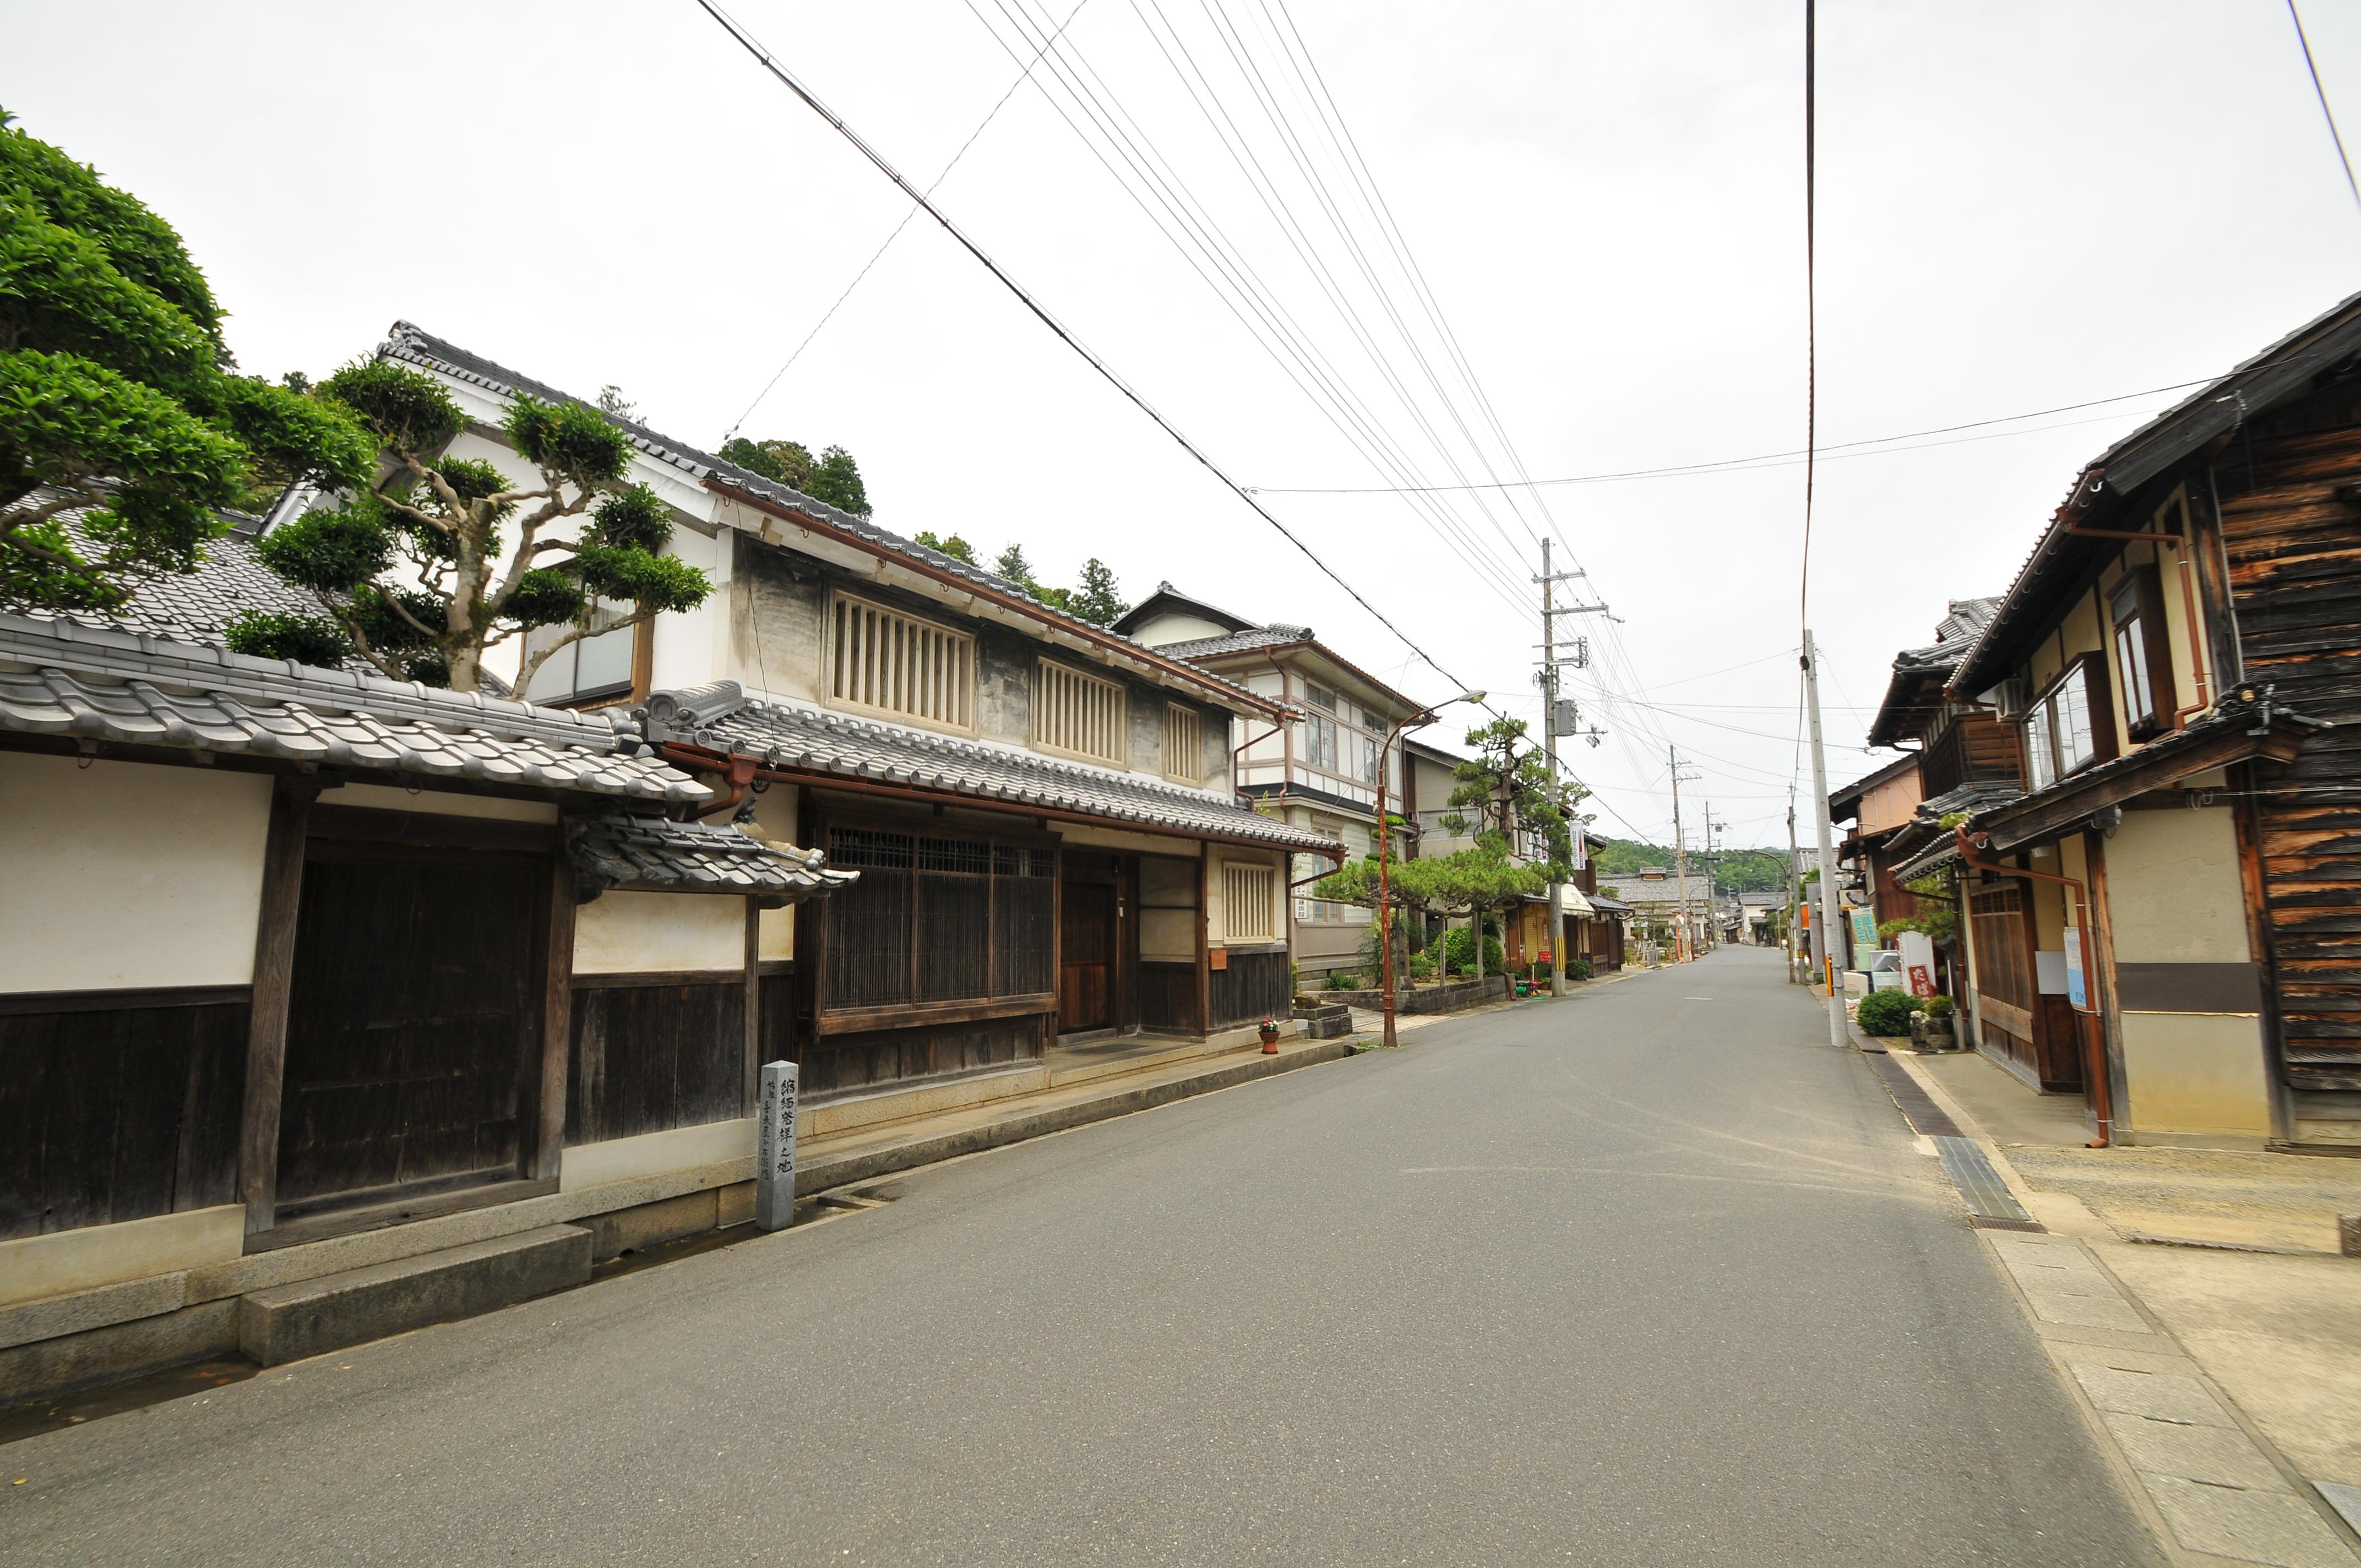 File:Yosano-cho Kaya, Kyoto, historic industrial town.JPG ...